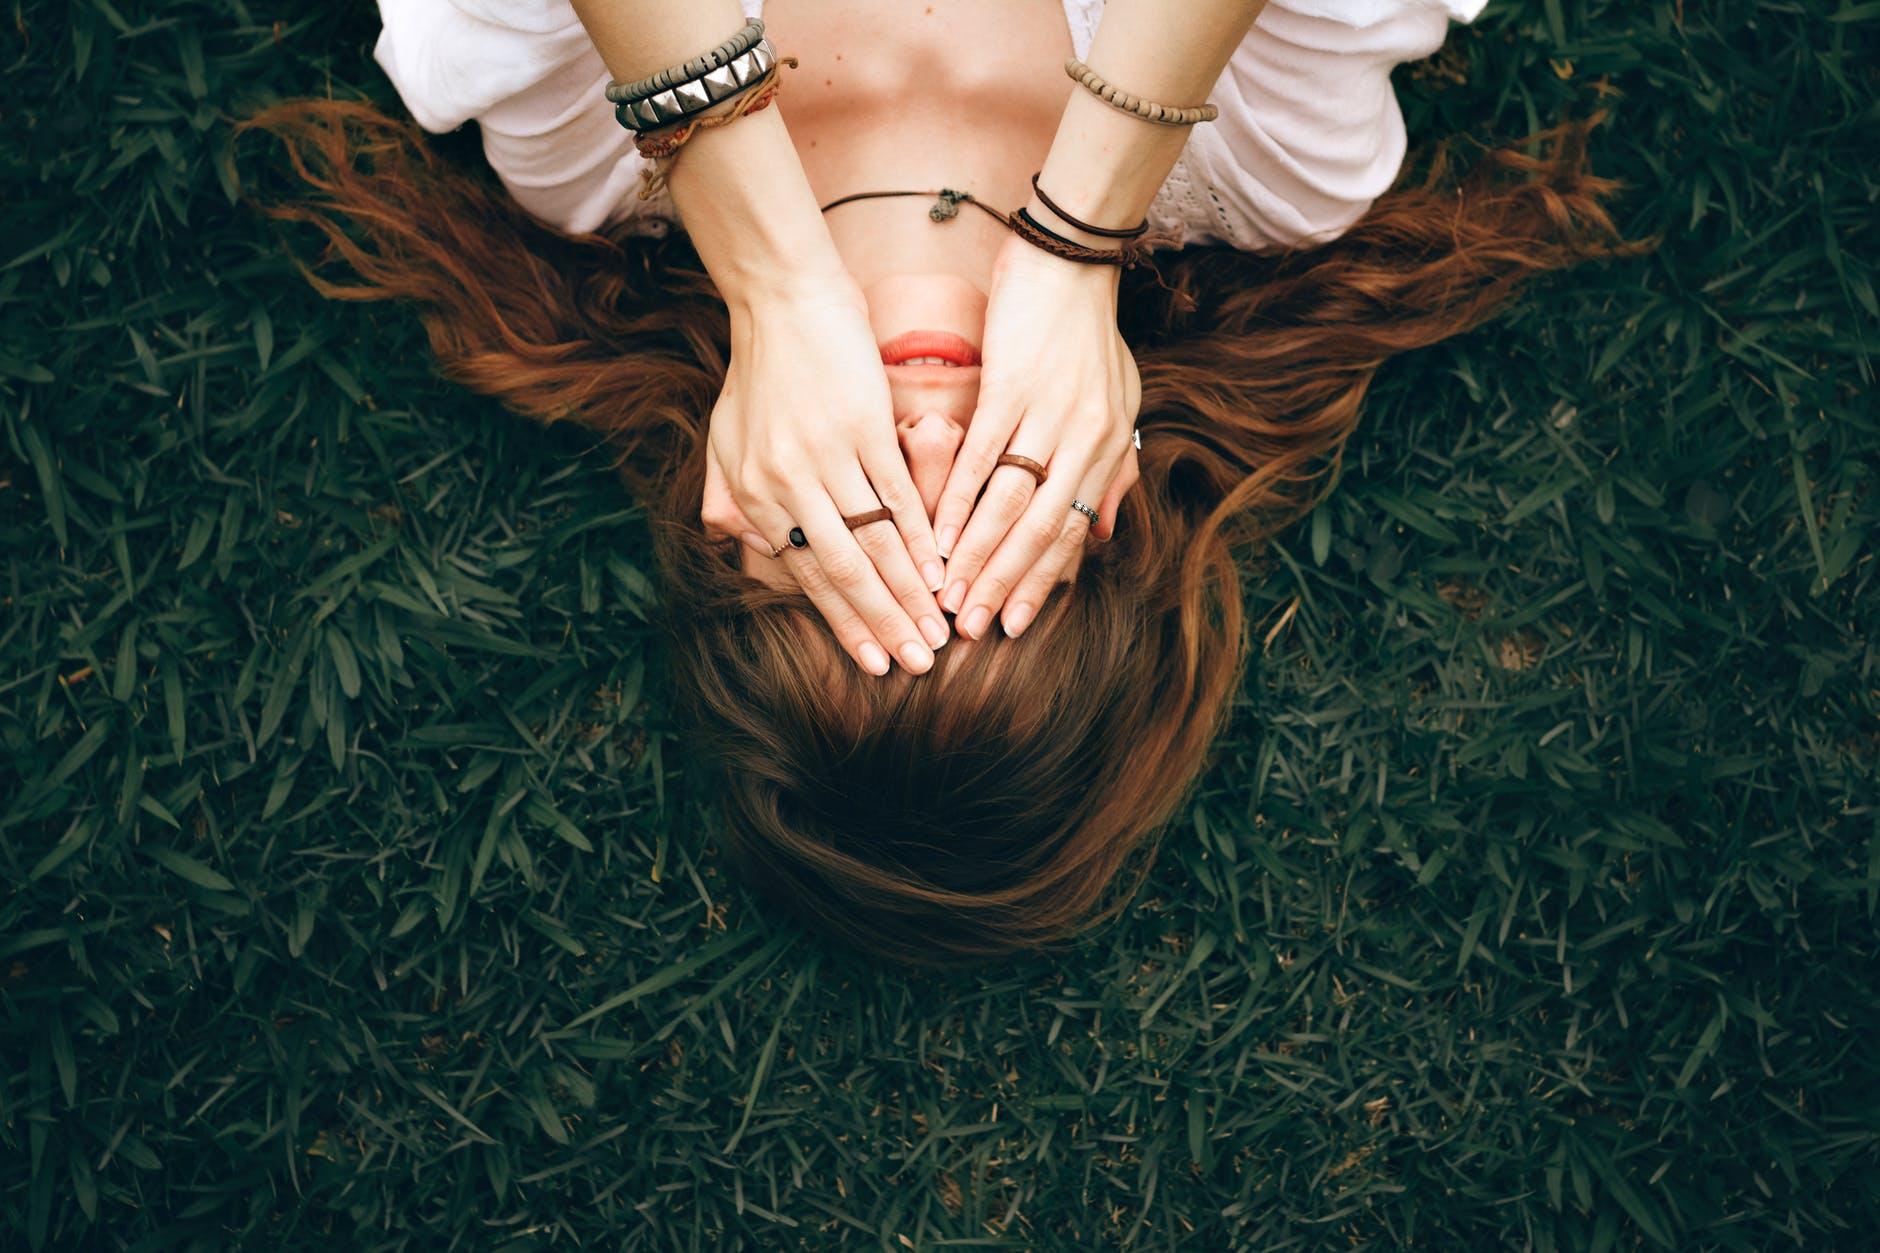 cô gái có một giấc mơ trên cỏ